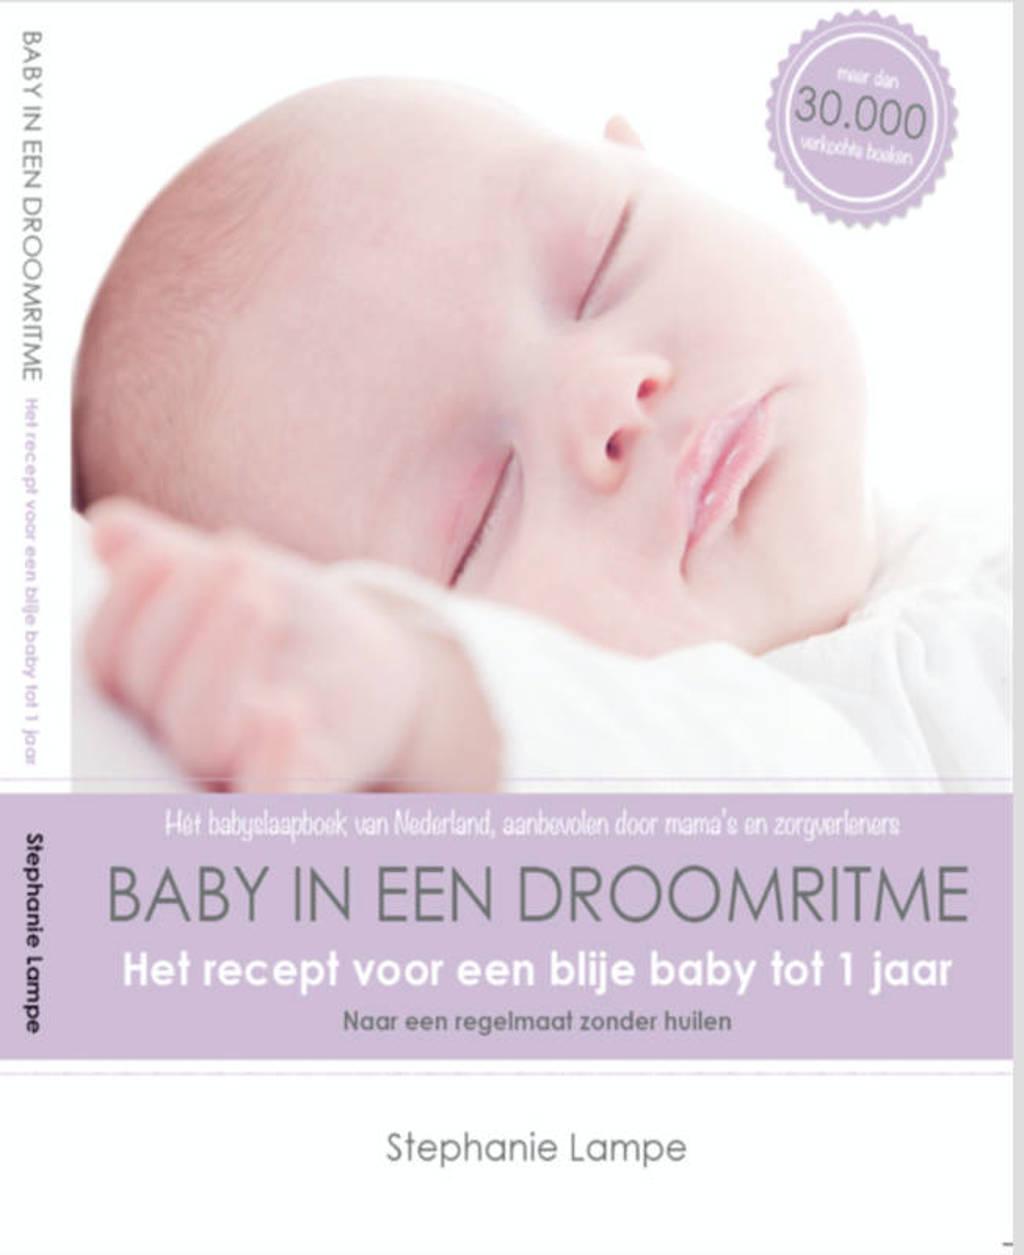 Baby in een droomritme - Stephanie Lampe